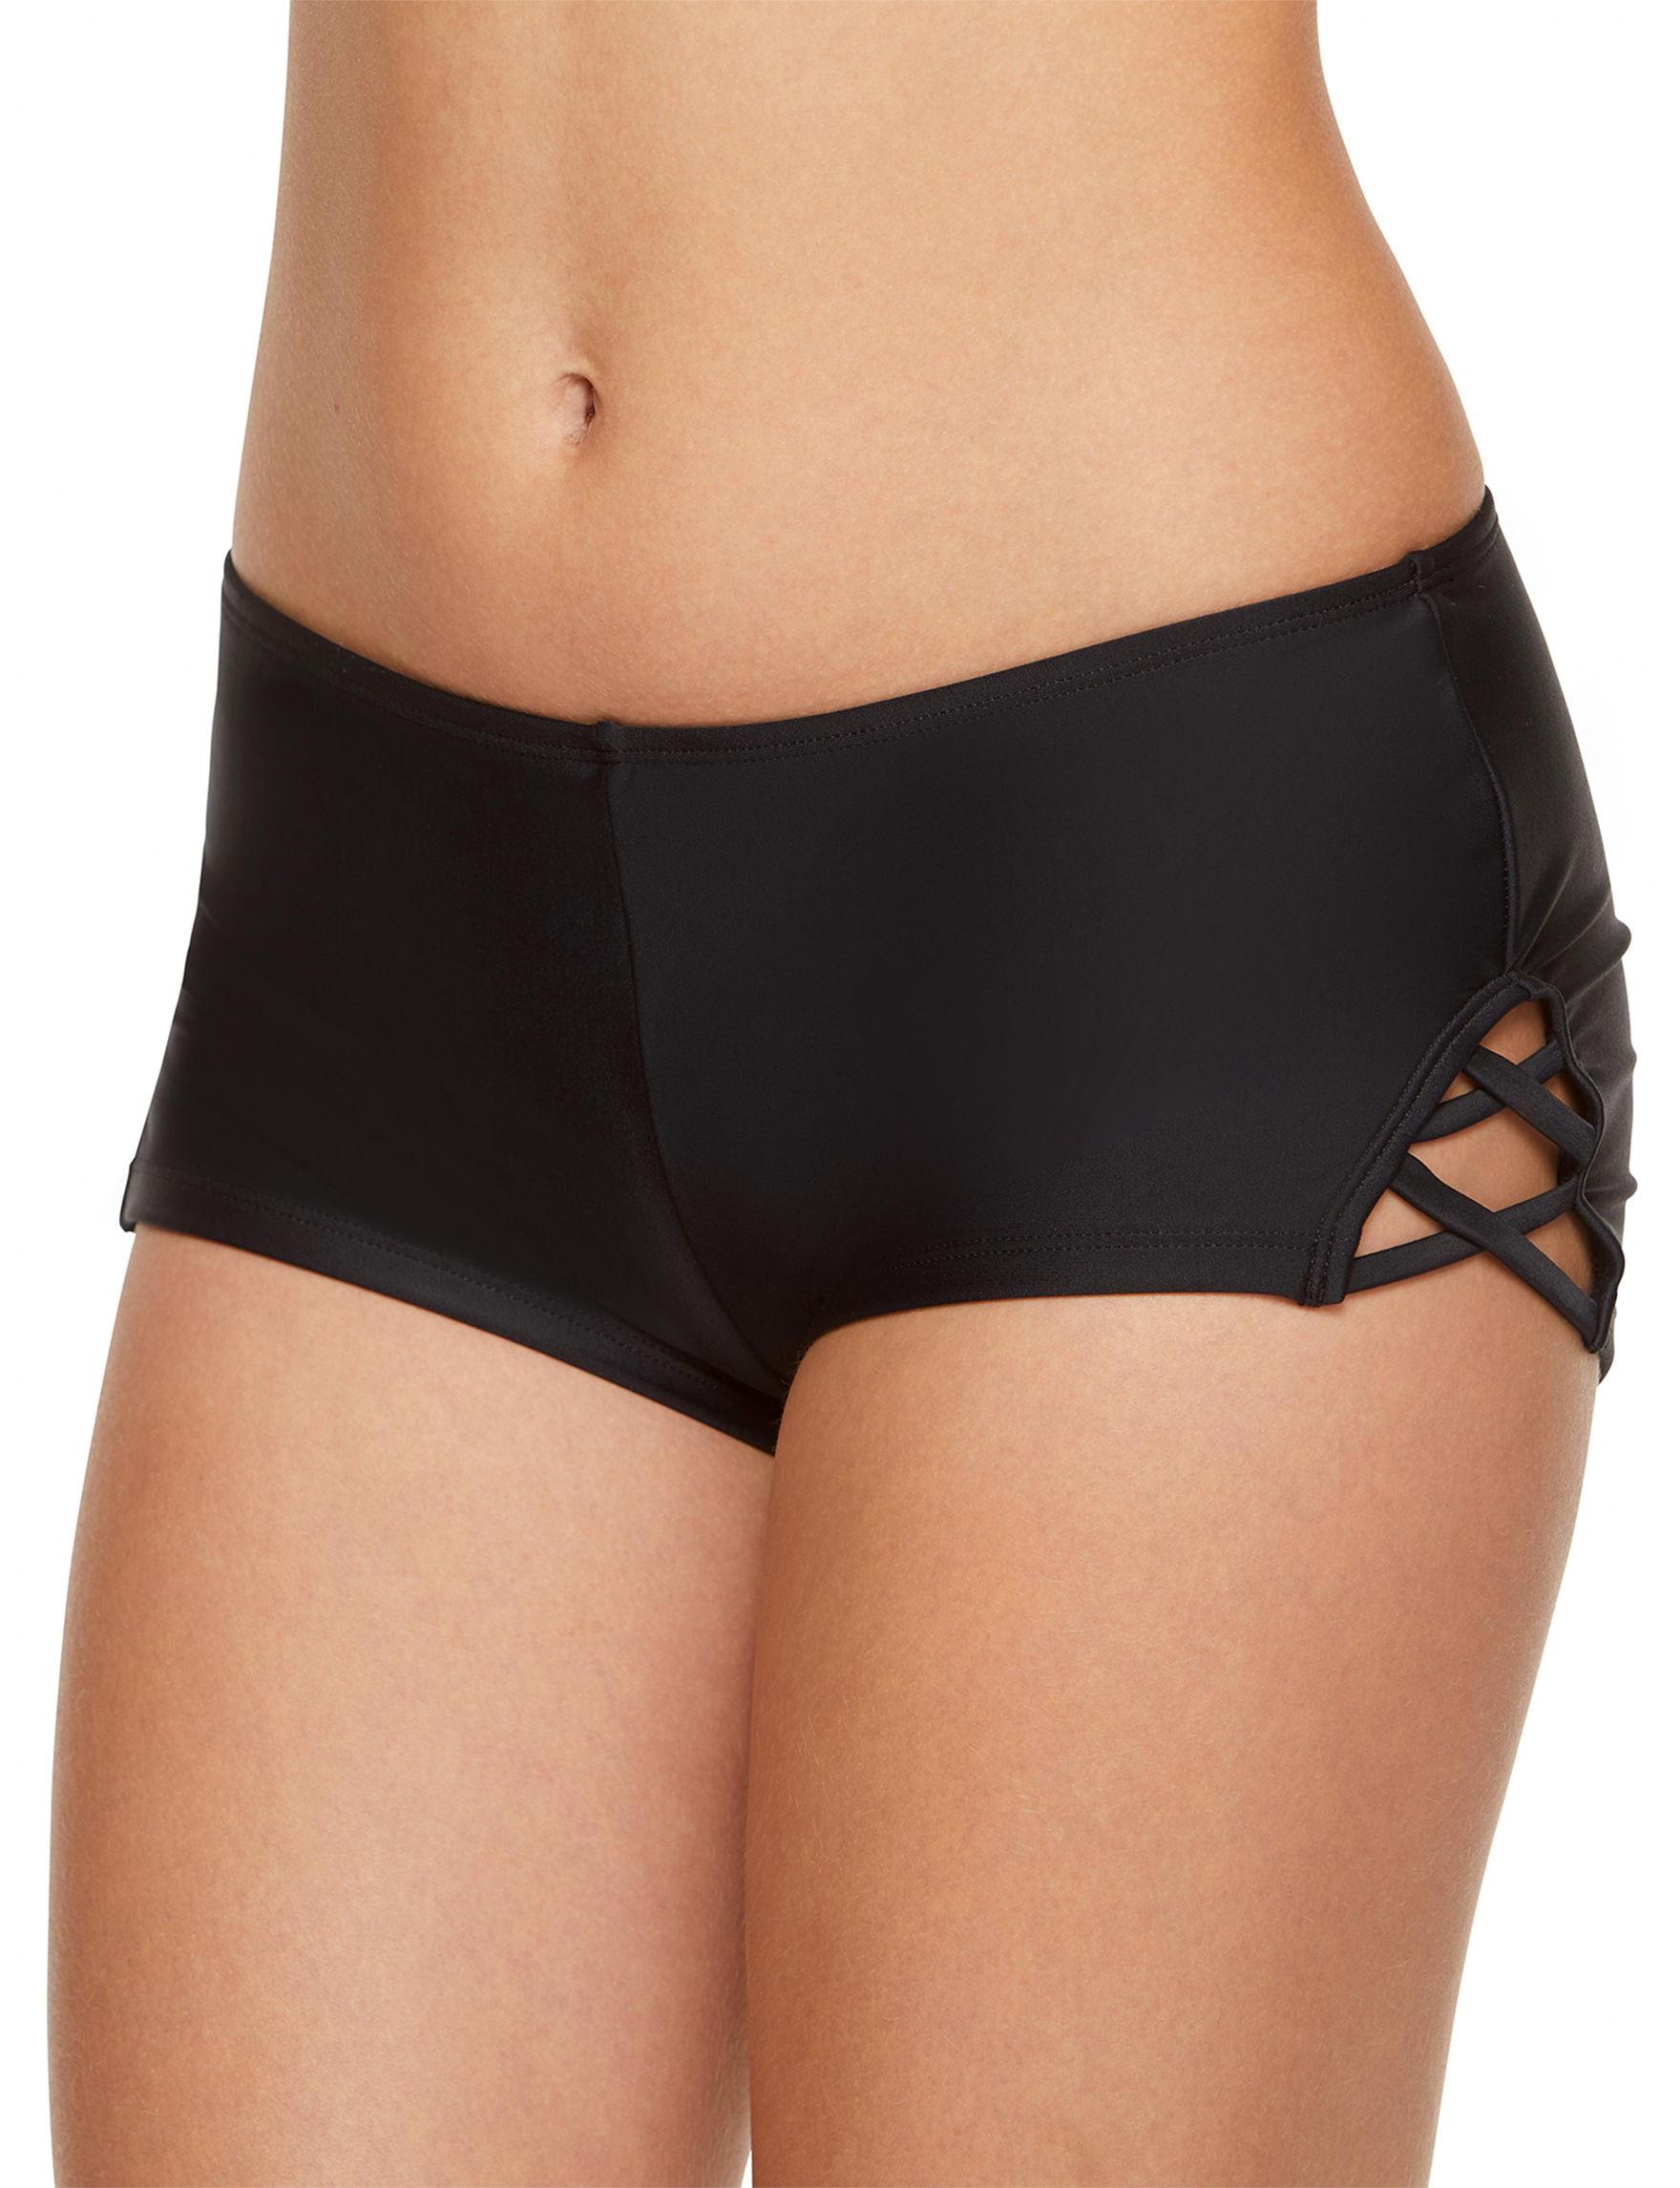 Polka Dot Black Swimsuit Bottoms Boyshort